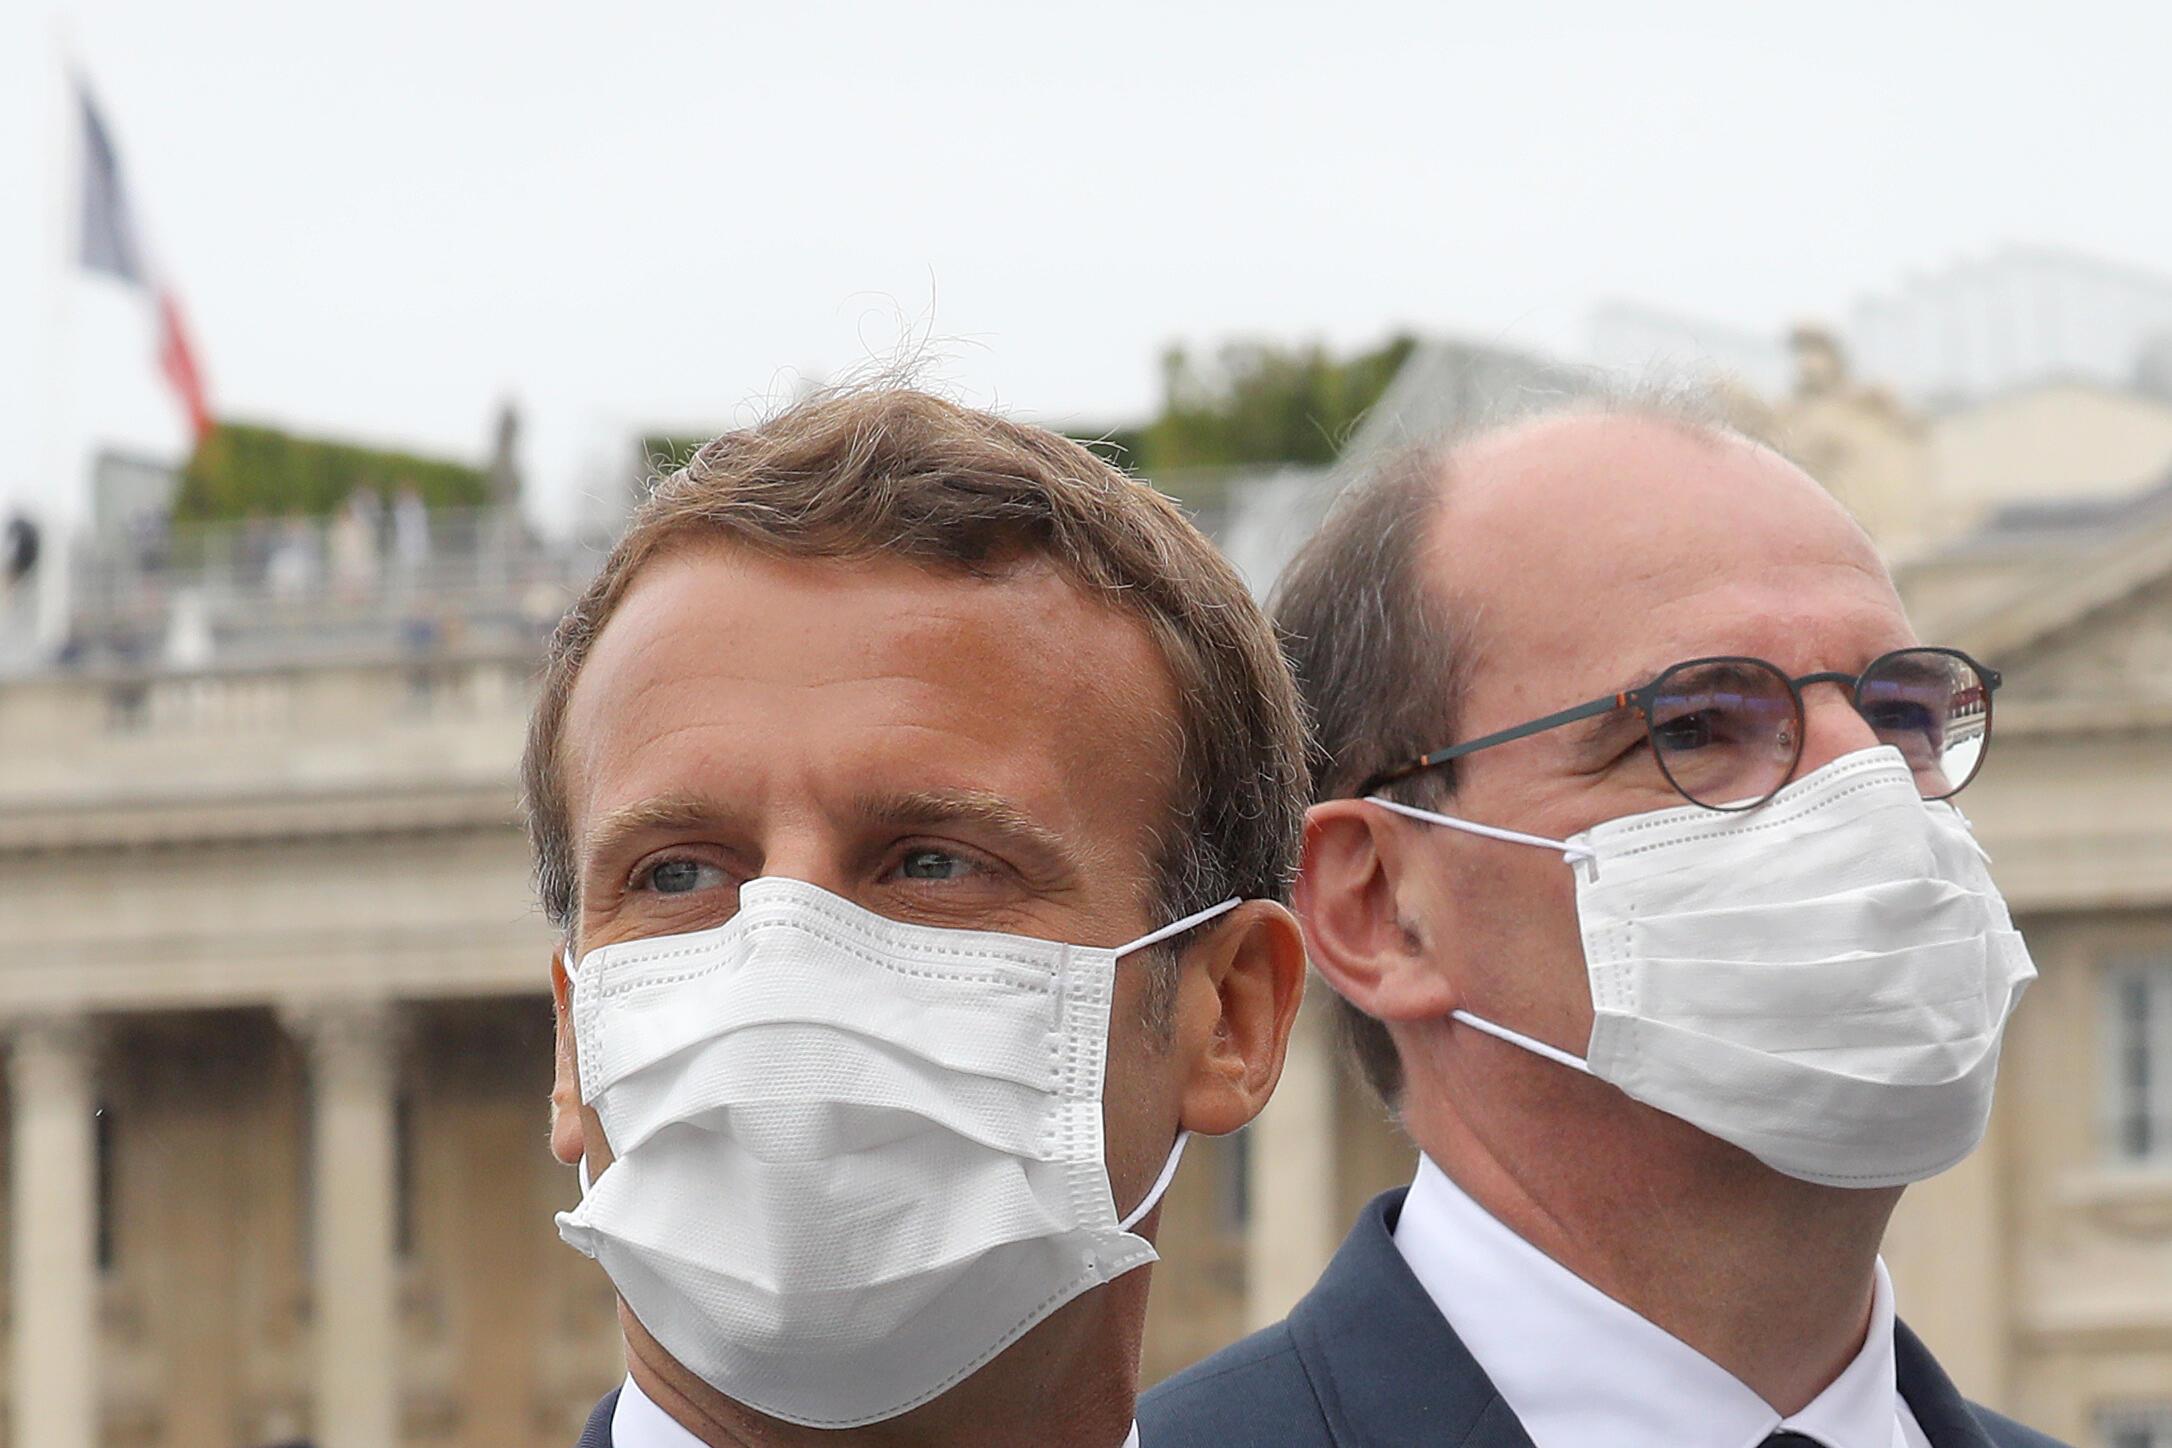 El presidente de Francia, Emmanuel Macron (c), y el primer ministro, Jean Castex, en el desfile militar del Día de la Bastilla el 14 de julio de 2020 en París